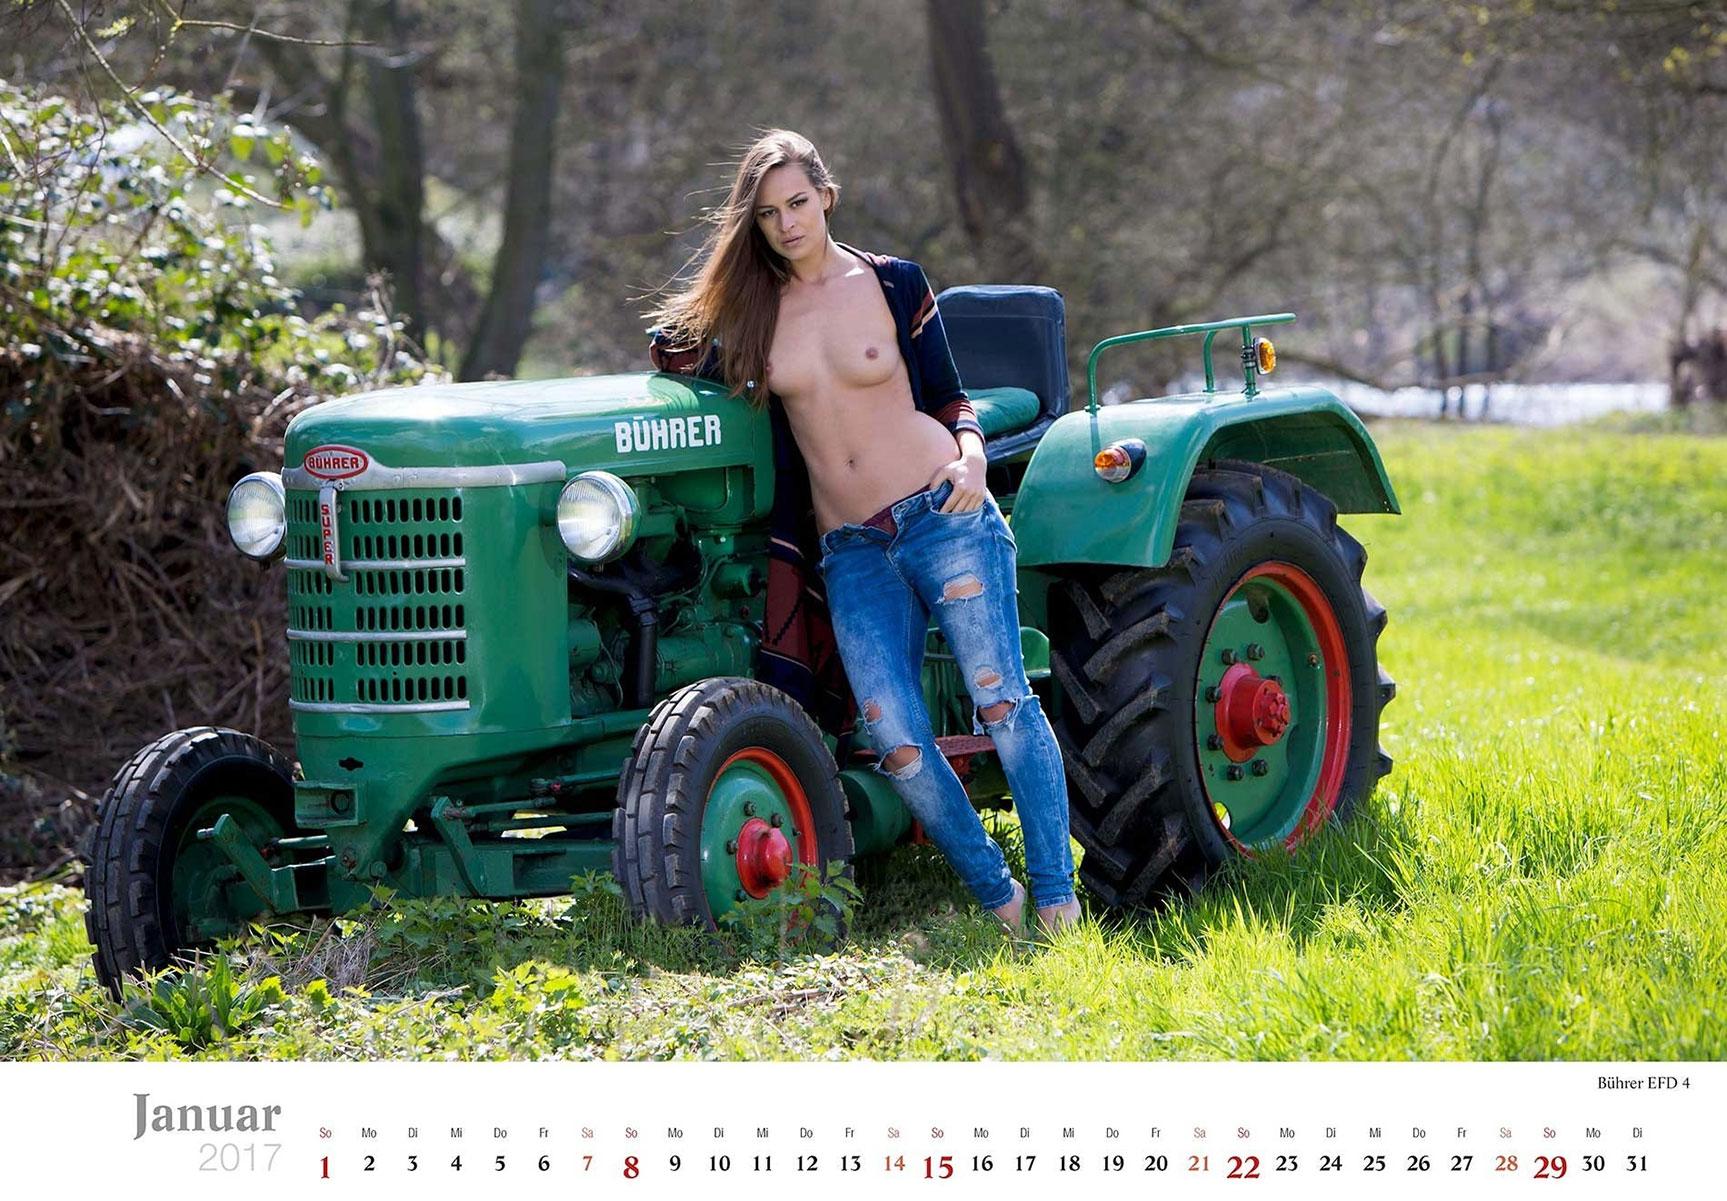 Девушки и трактора в эротическом календаре 2017 / Buhrer EFD 4 - Jungbauerntraume calendar 2017